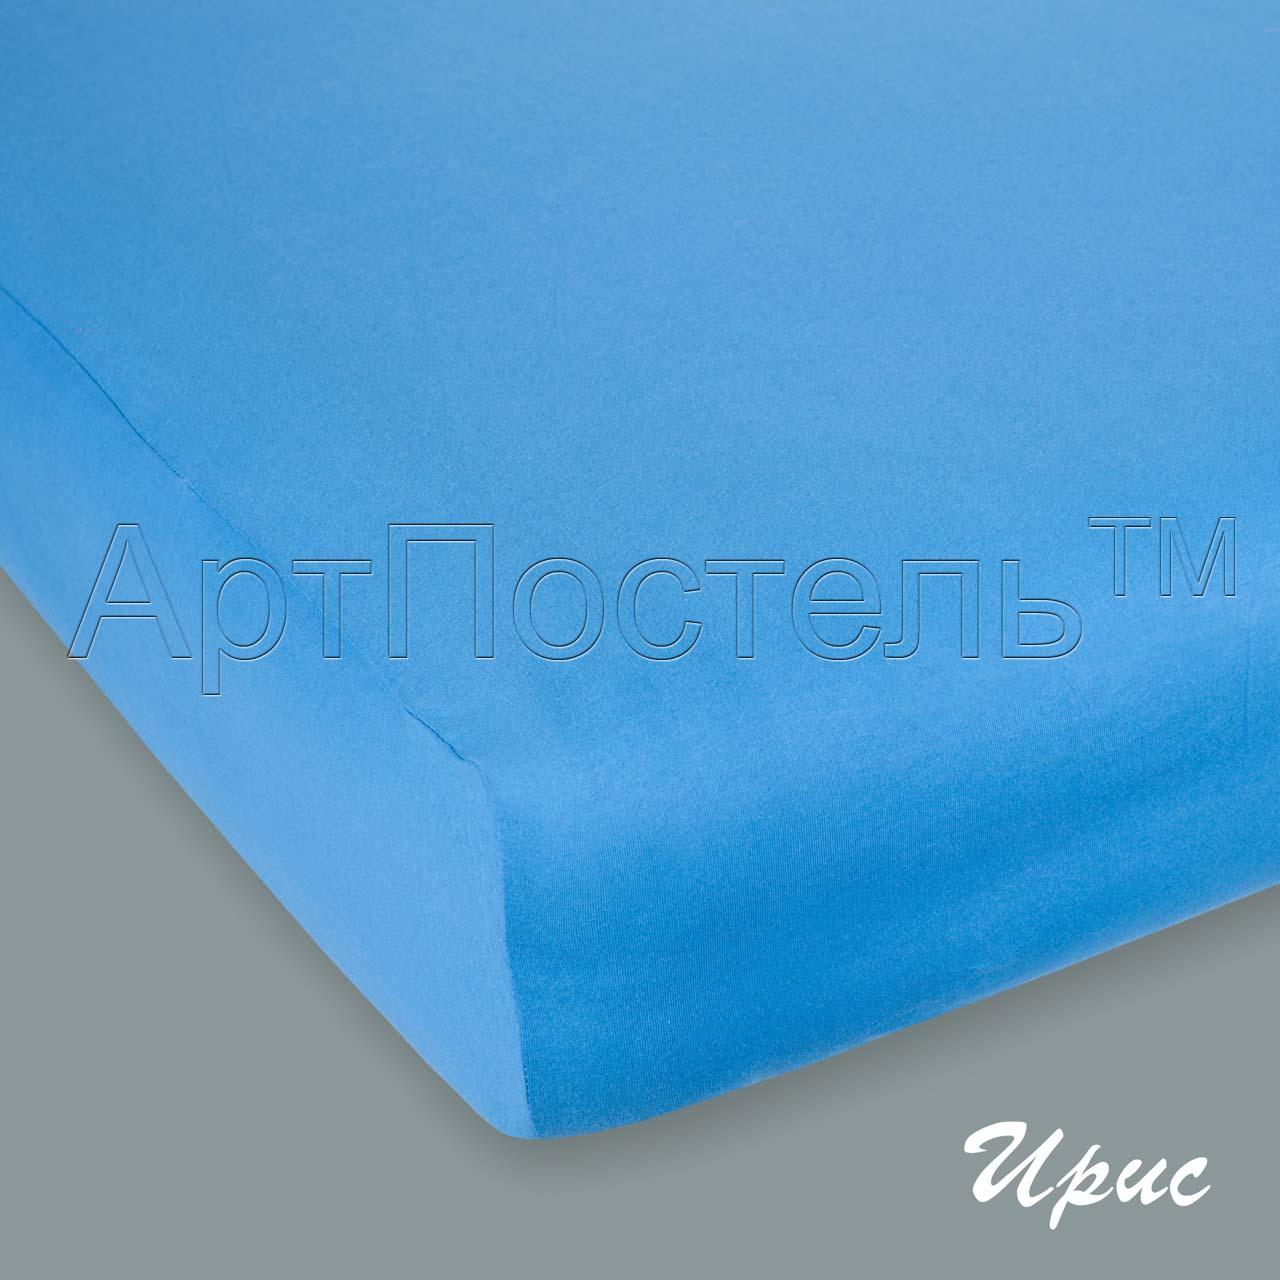 Простыня на резинке Ирис, размер 90х200 смПростыни<br>Плотность ткани:145 г/кв. м<br>Высота матраса:20 см<br><br>Тип: Простыня<br>Размер: 90х200<br>Материал: Кулирка